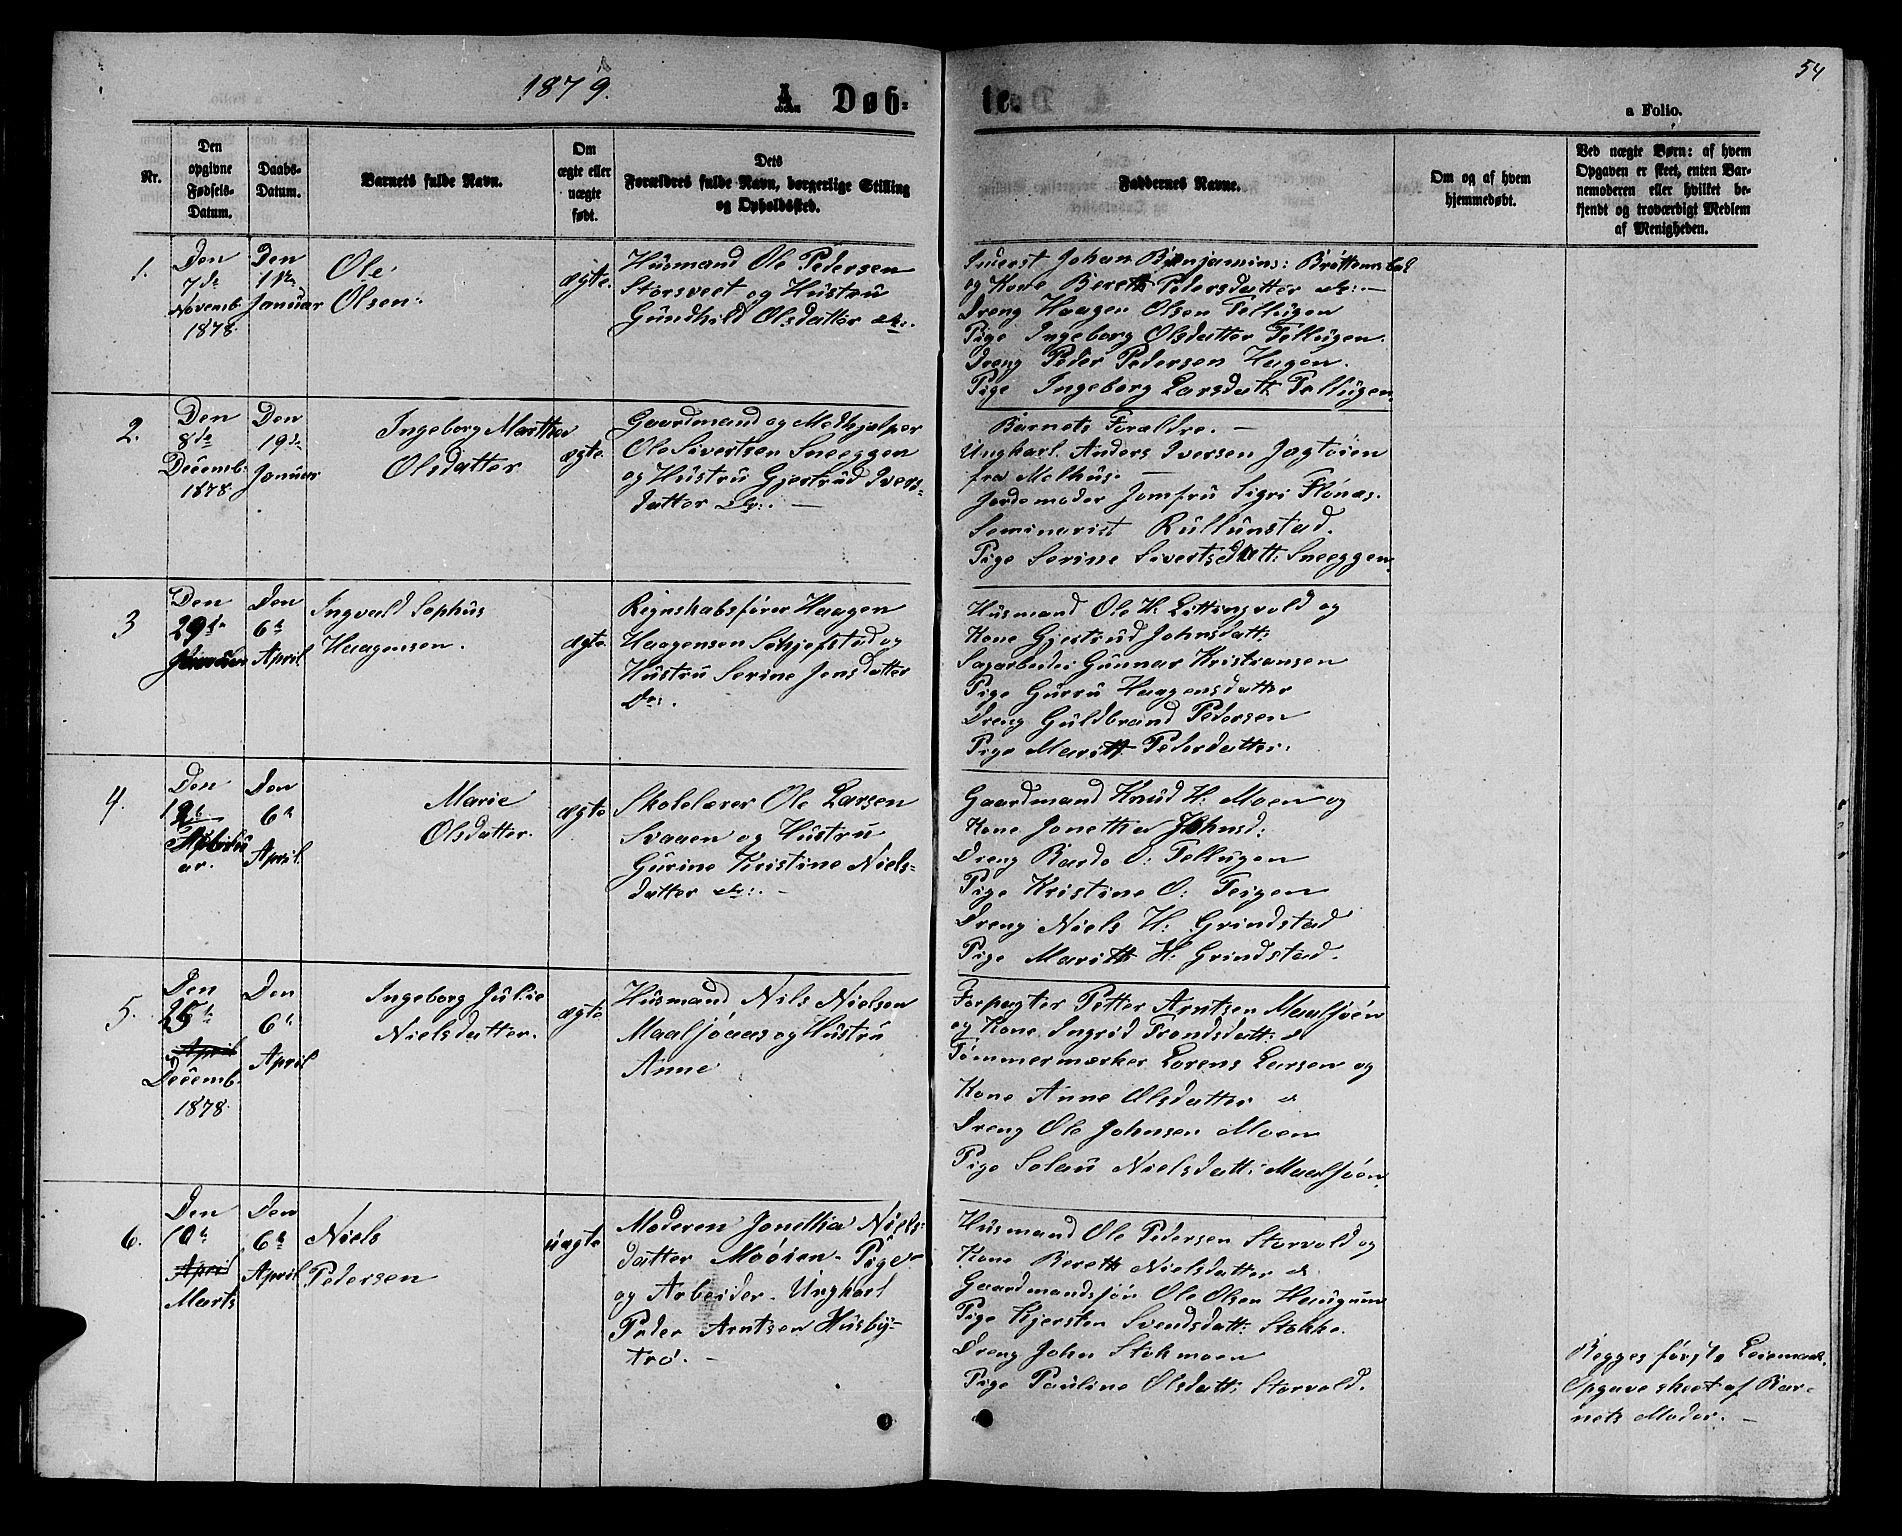 SAT, Ministerialprotokoller, klokkerbøker og fødselsregistre - Sør-Trøndelag, 618/L0451: Klokkerbok nr. 618C02, 1865-1883, s. 54